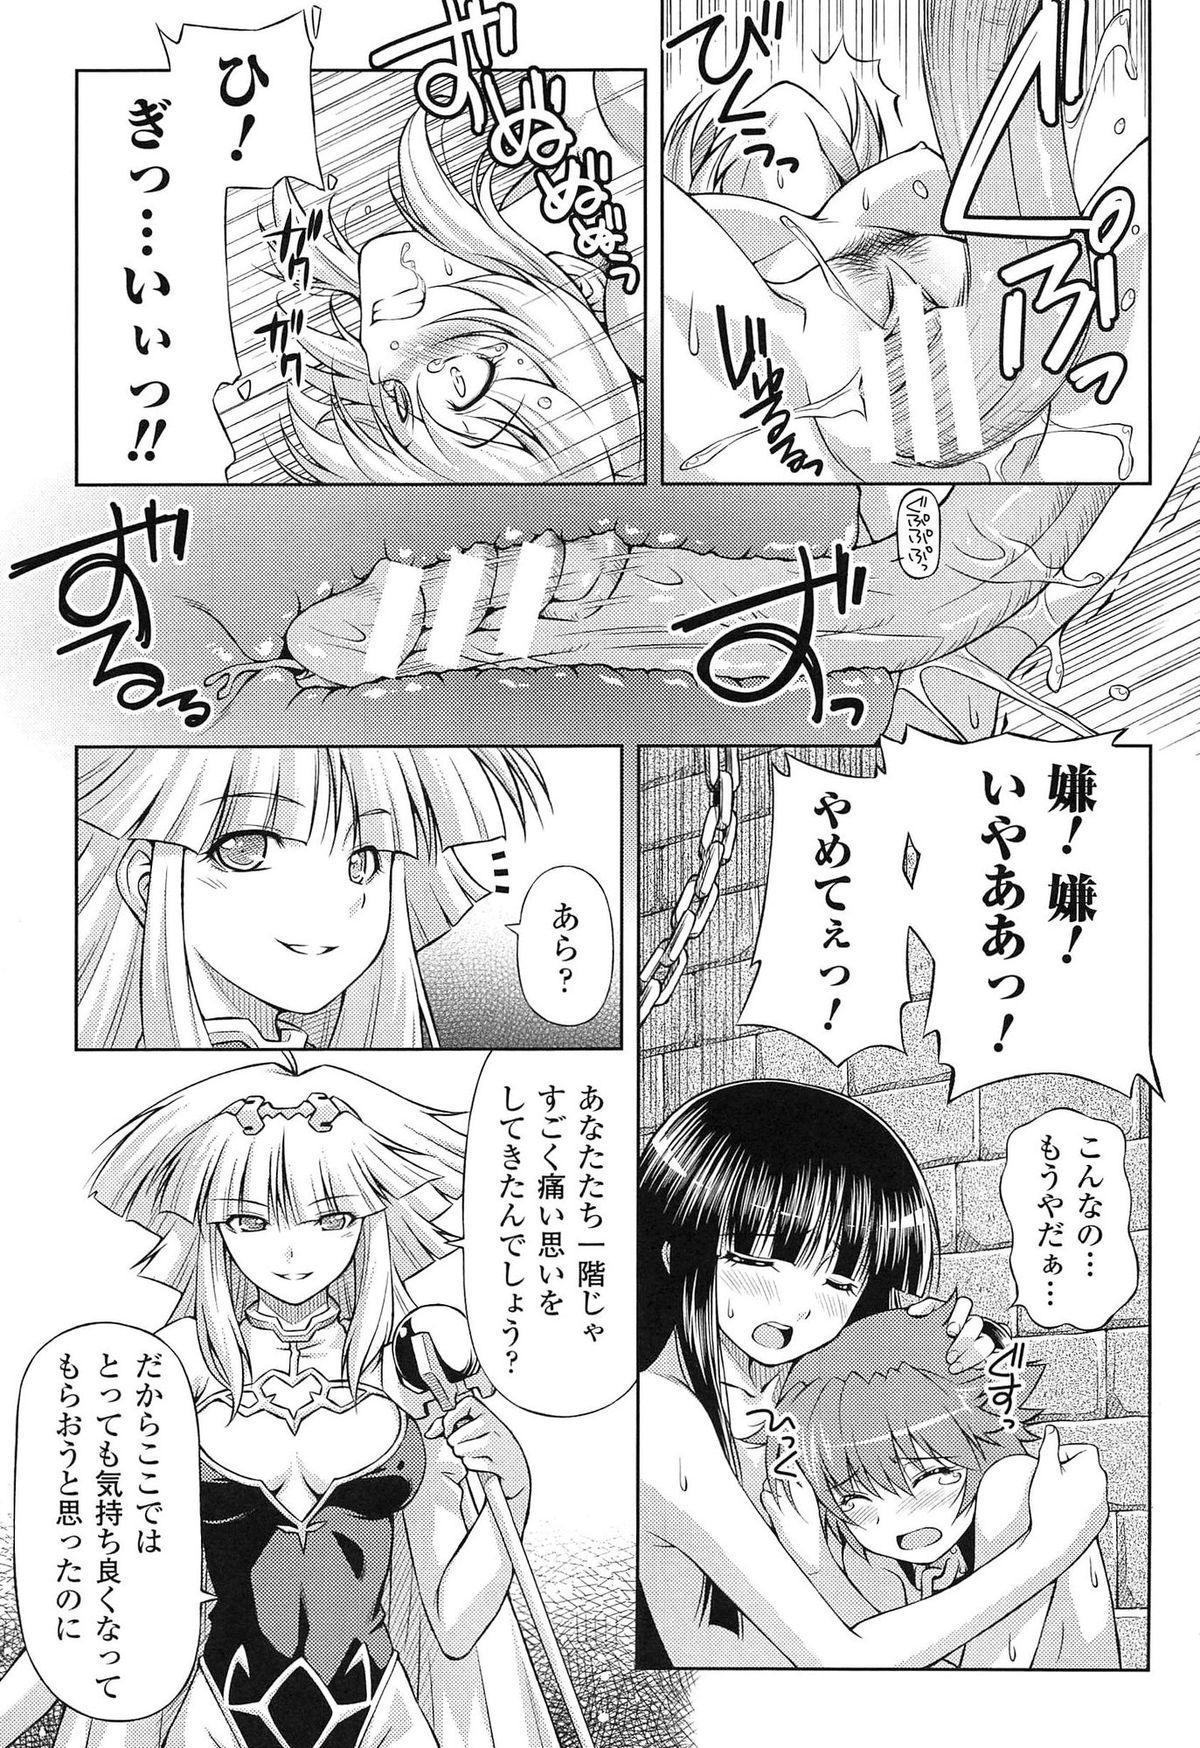 [kazuma muramasa, ZyX] Ikazuchi no Senshi Raidy ~Haja no Raikou~ THE COMIC 50